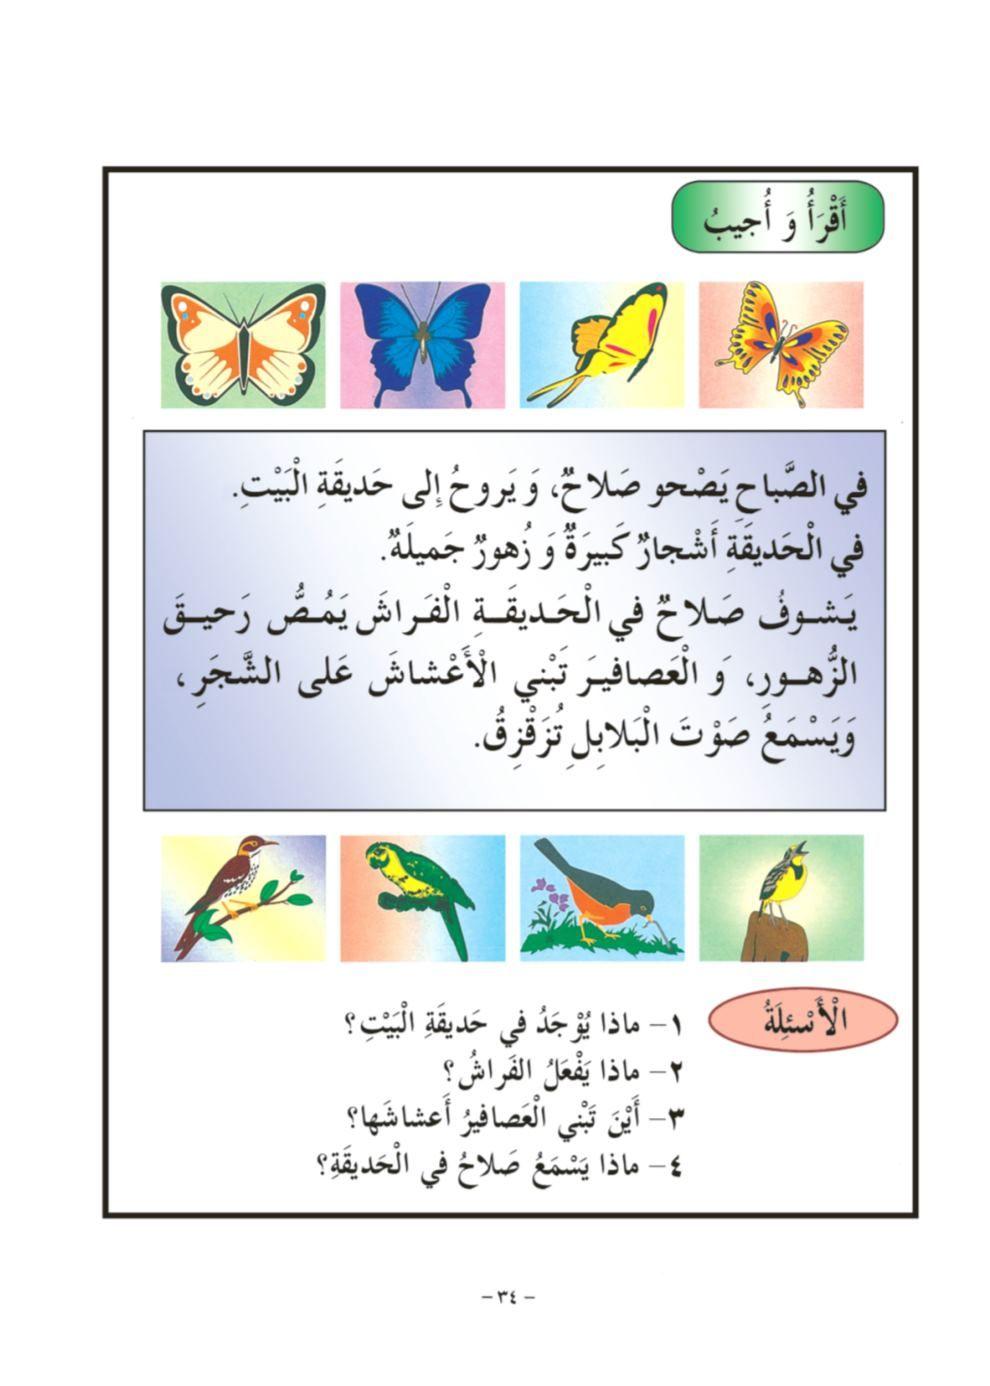 اللغة العربية للصف الأول الابتدائي الجزء الثاني In 2021 Learning Arabic Arabic Kids Learn Arabic Online